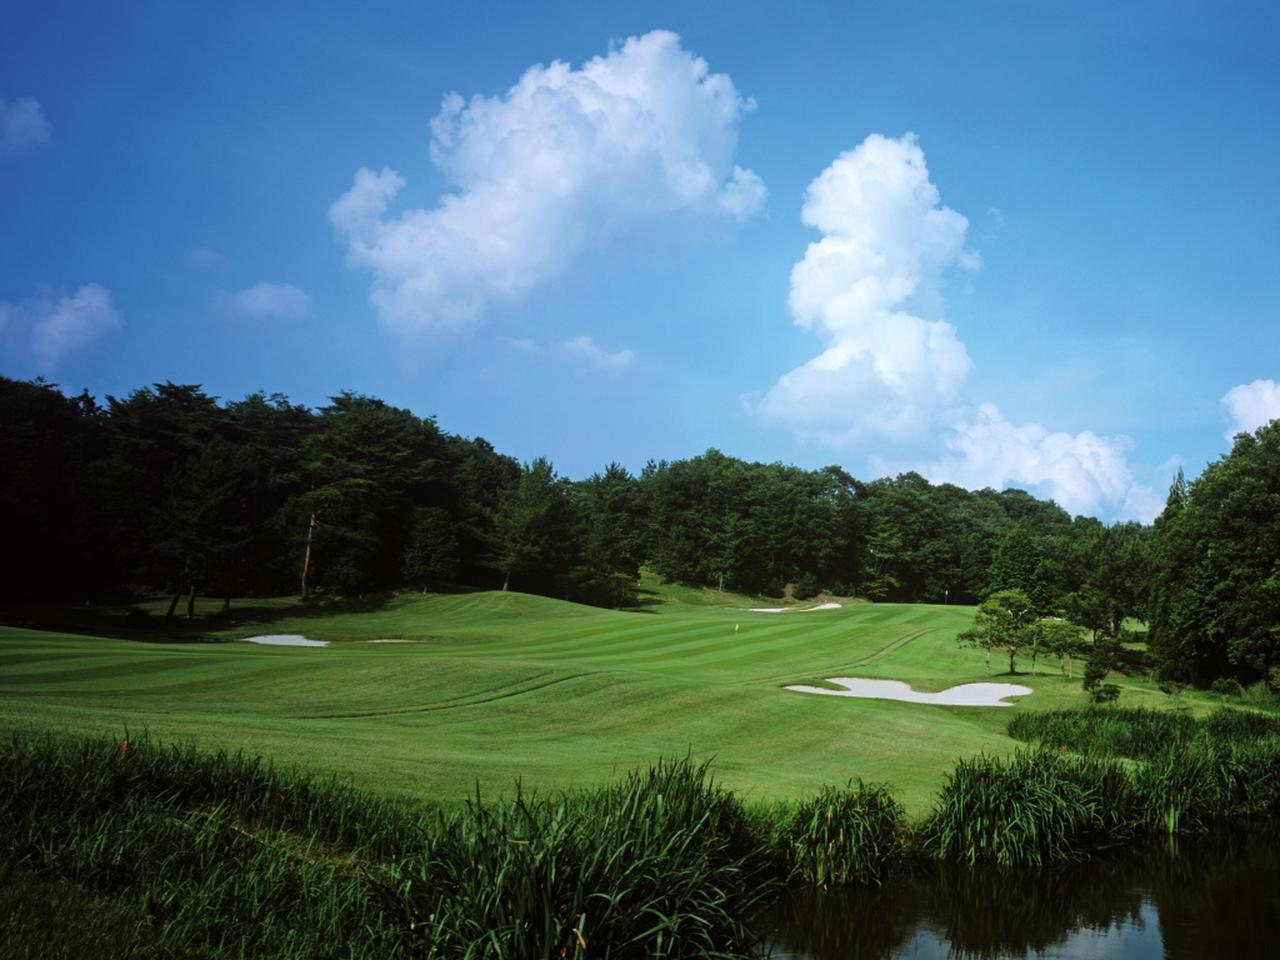 画像: 【KOMAカントリークラブ】文人墨客が愛した渡来文化の中心地、奈良の月ヶ瀬に生まれた本格コース。昭和55年、設計はG・プレーヤー - ゴルフへ行こうWEB by ゴルフダイジェスト